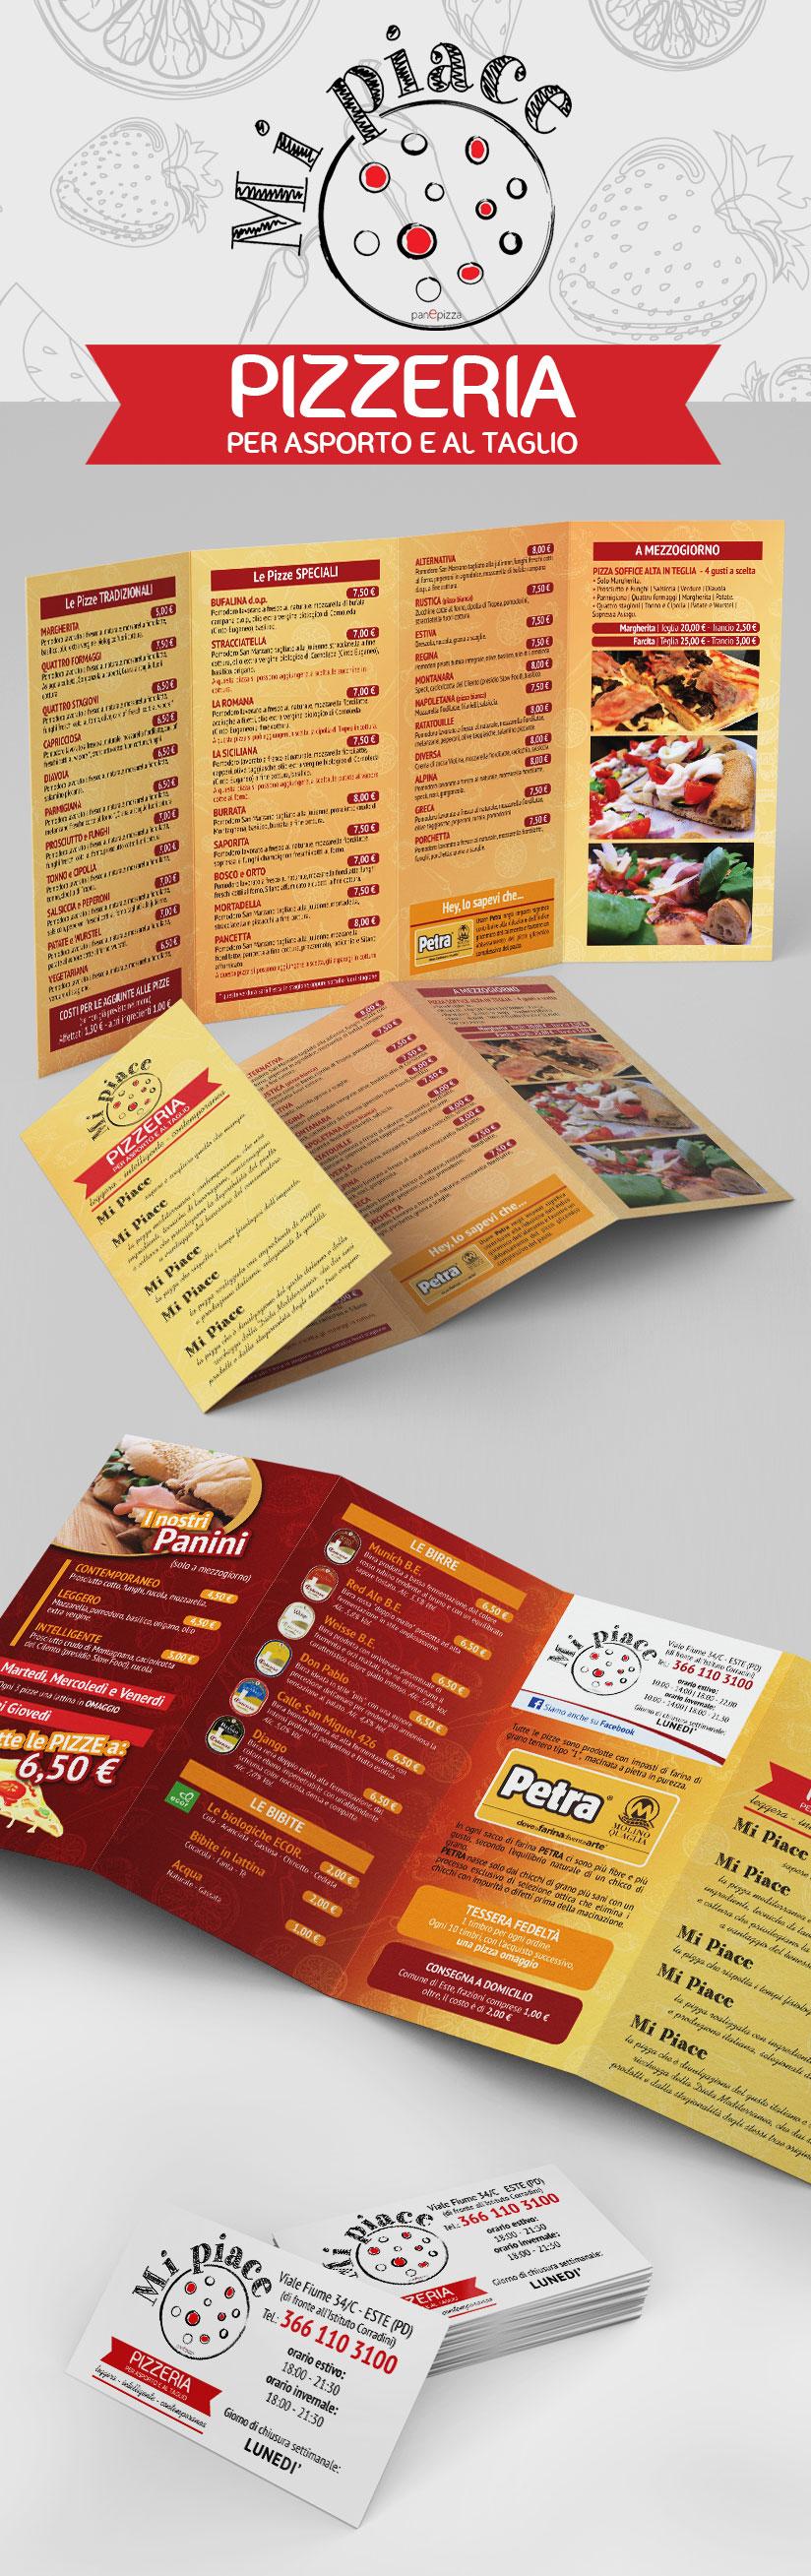 pizzeria-mi-piace_01.jpg